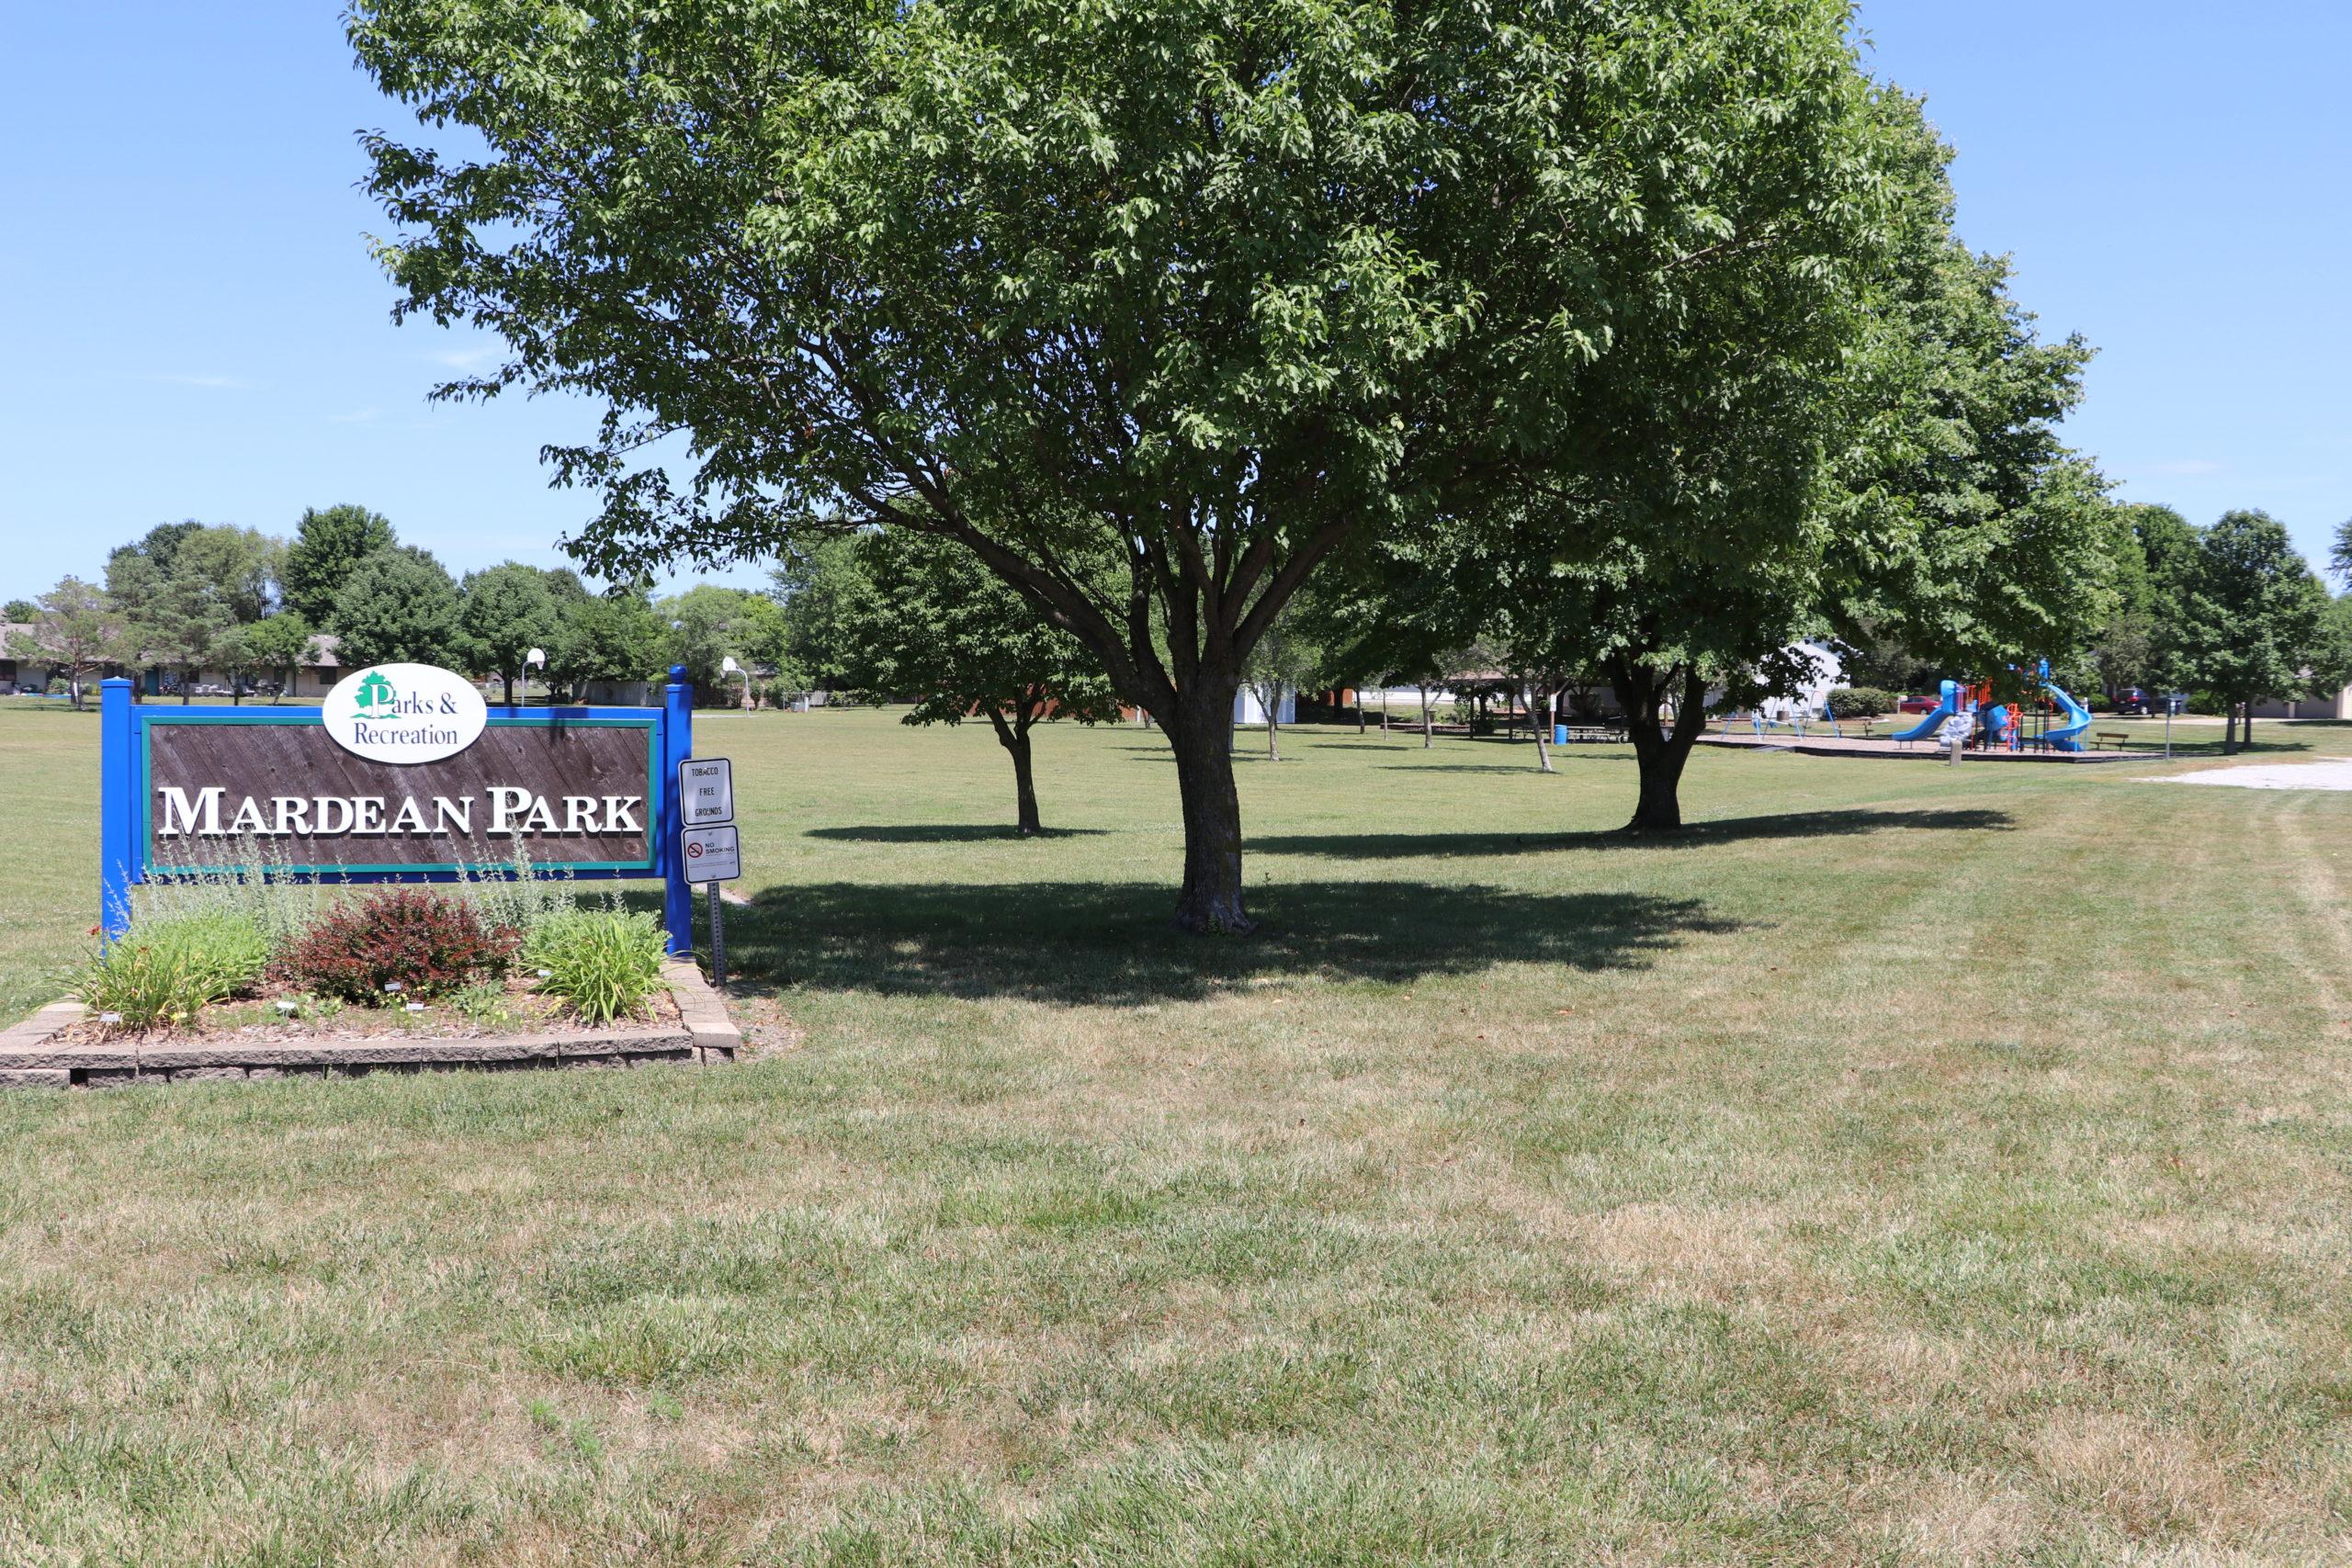 Mardean Park